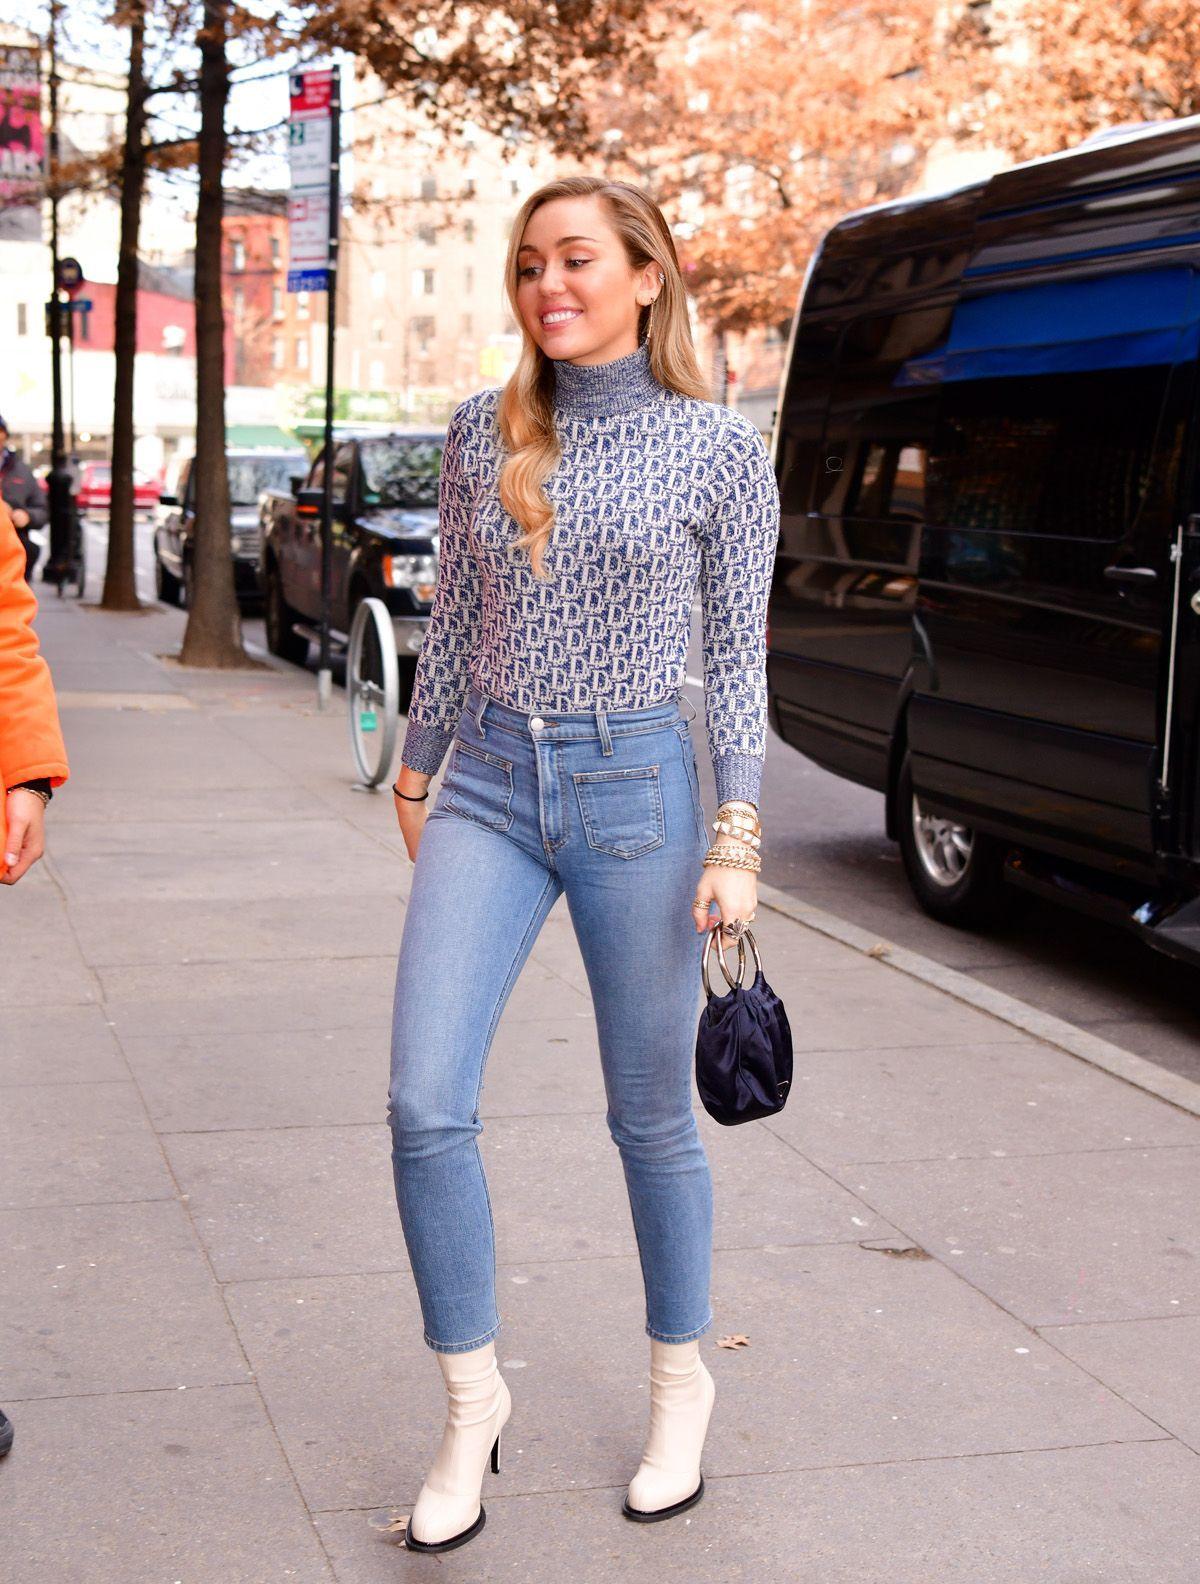 cách phối đồ đơn giản của miley cyrus với áo cổ lọ và quần jeans